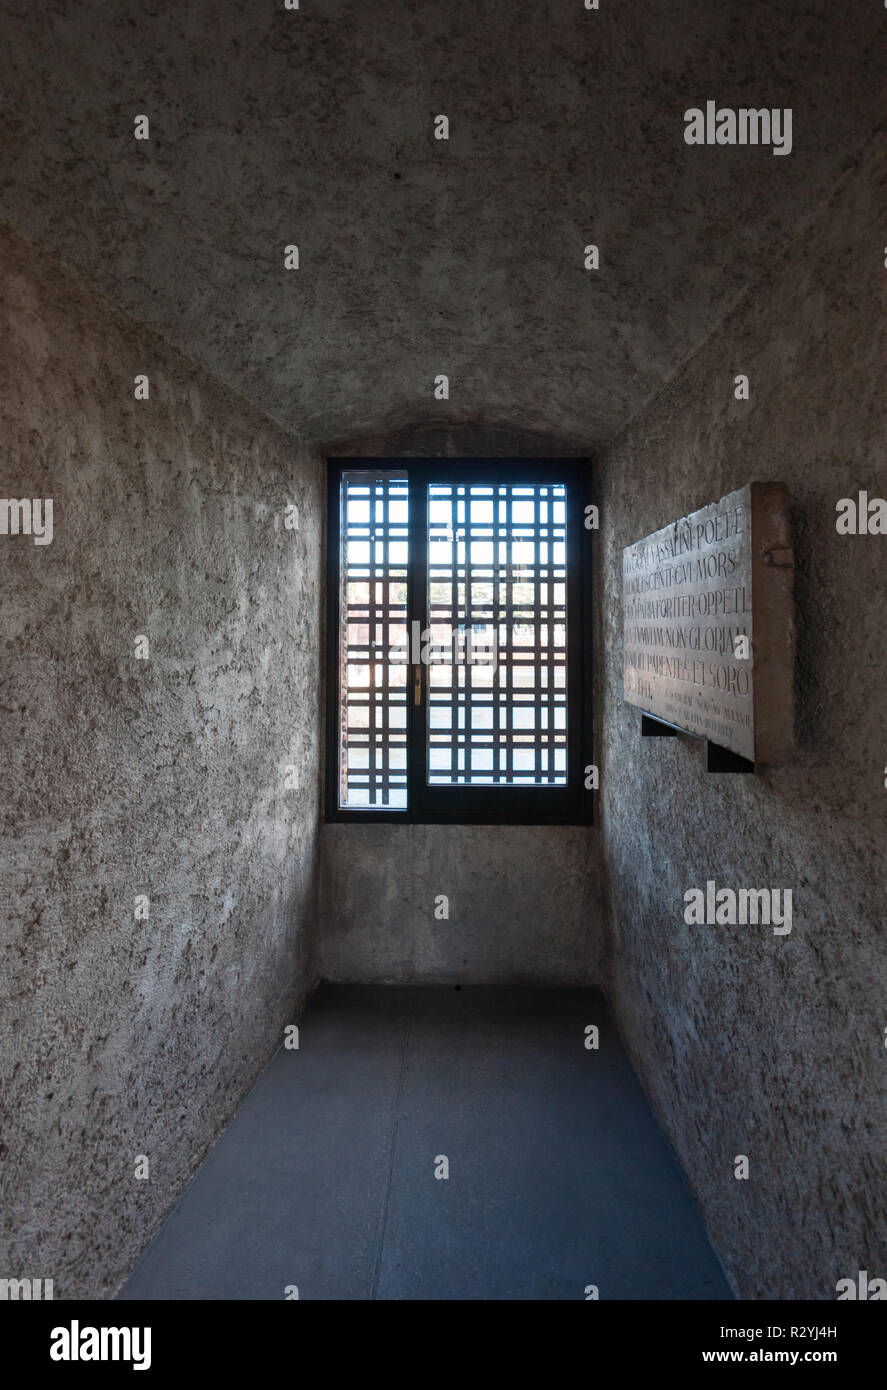 Museo Di Castelvecchio.The Museo Di Castelvecchio In Verona A Museum Of Art From The